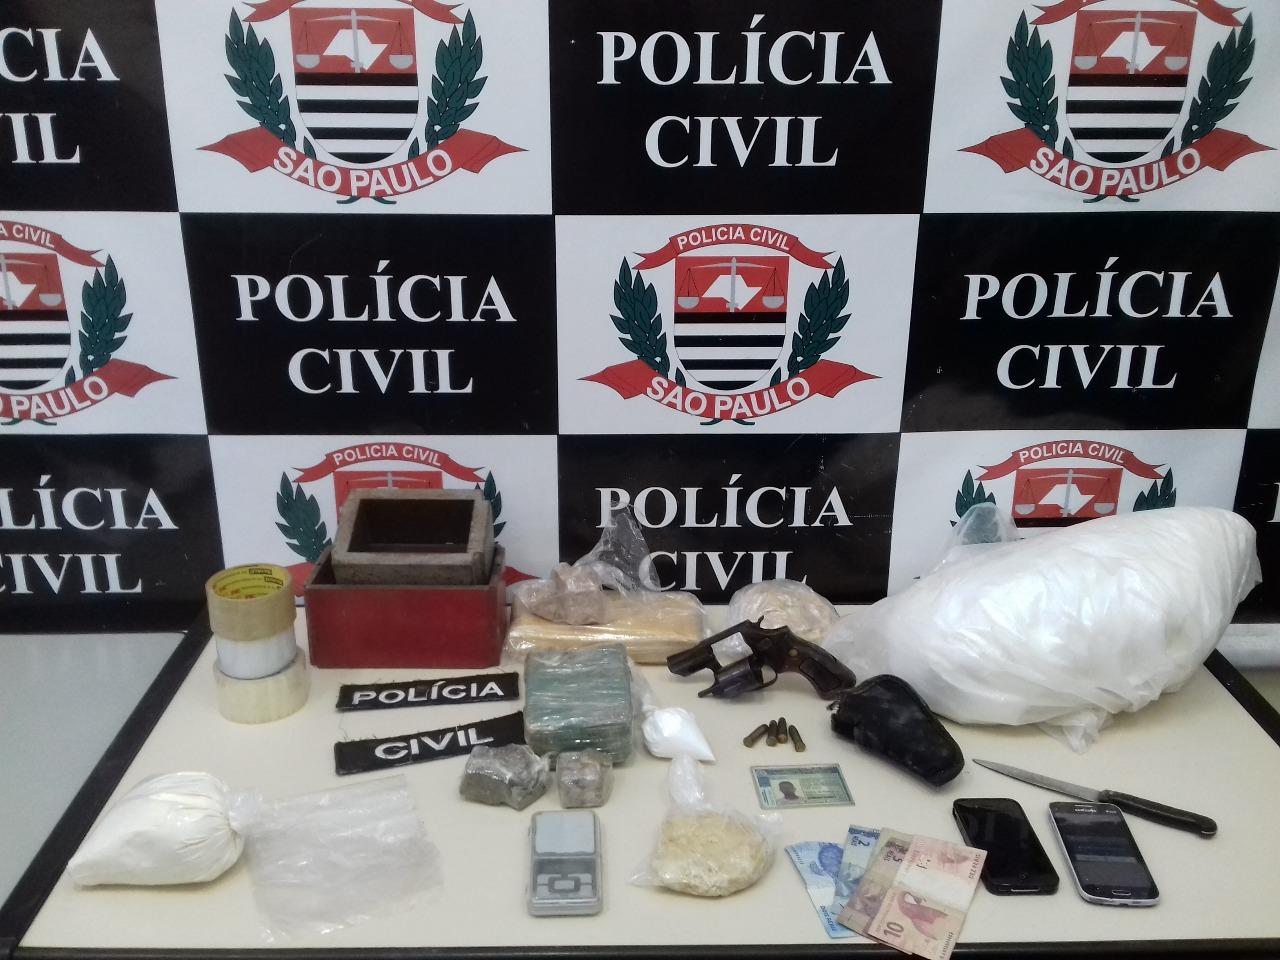 Na chácara em que Zé Cabelo reside, foram apreendidos cerca de um quilo e  meio de cocaína, um quilo e meio de crack, cem gramas de maconha e cinco  quilos e ... 72b038c805